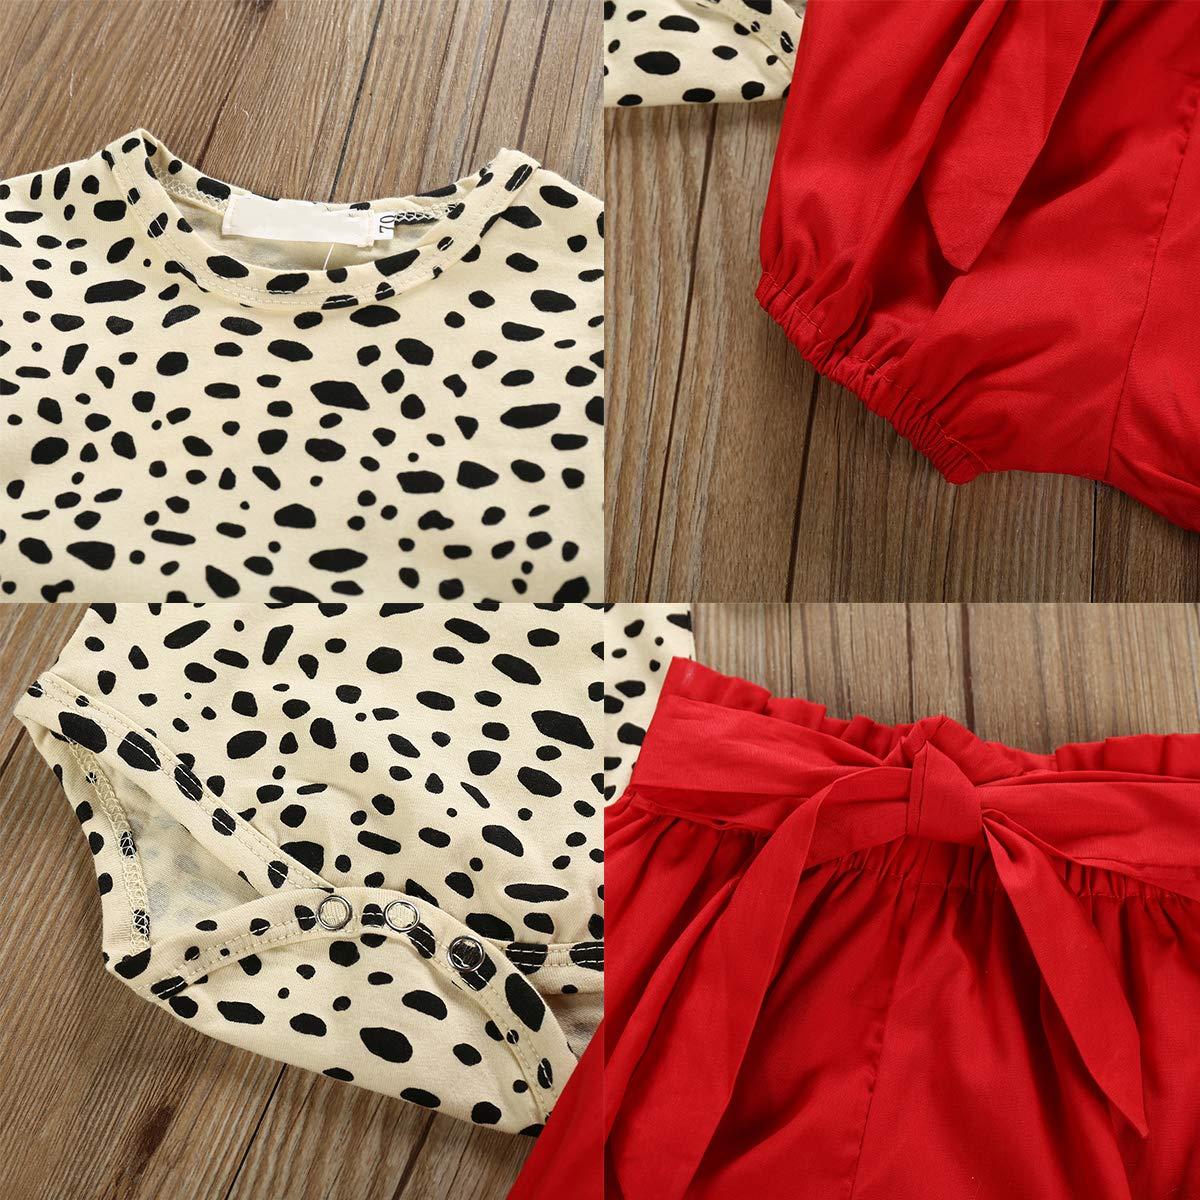 Fascia per Fascia 0-24 Mesi Borlai Neonata Ragazze Moda Vestiti Estivi Vestiti Set Pagliaccetto Stampa Leopardo Pantaloncini